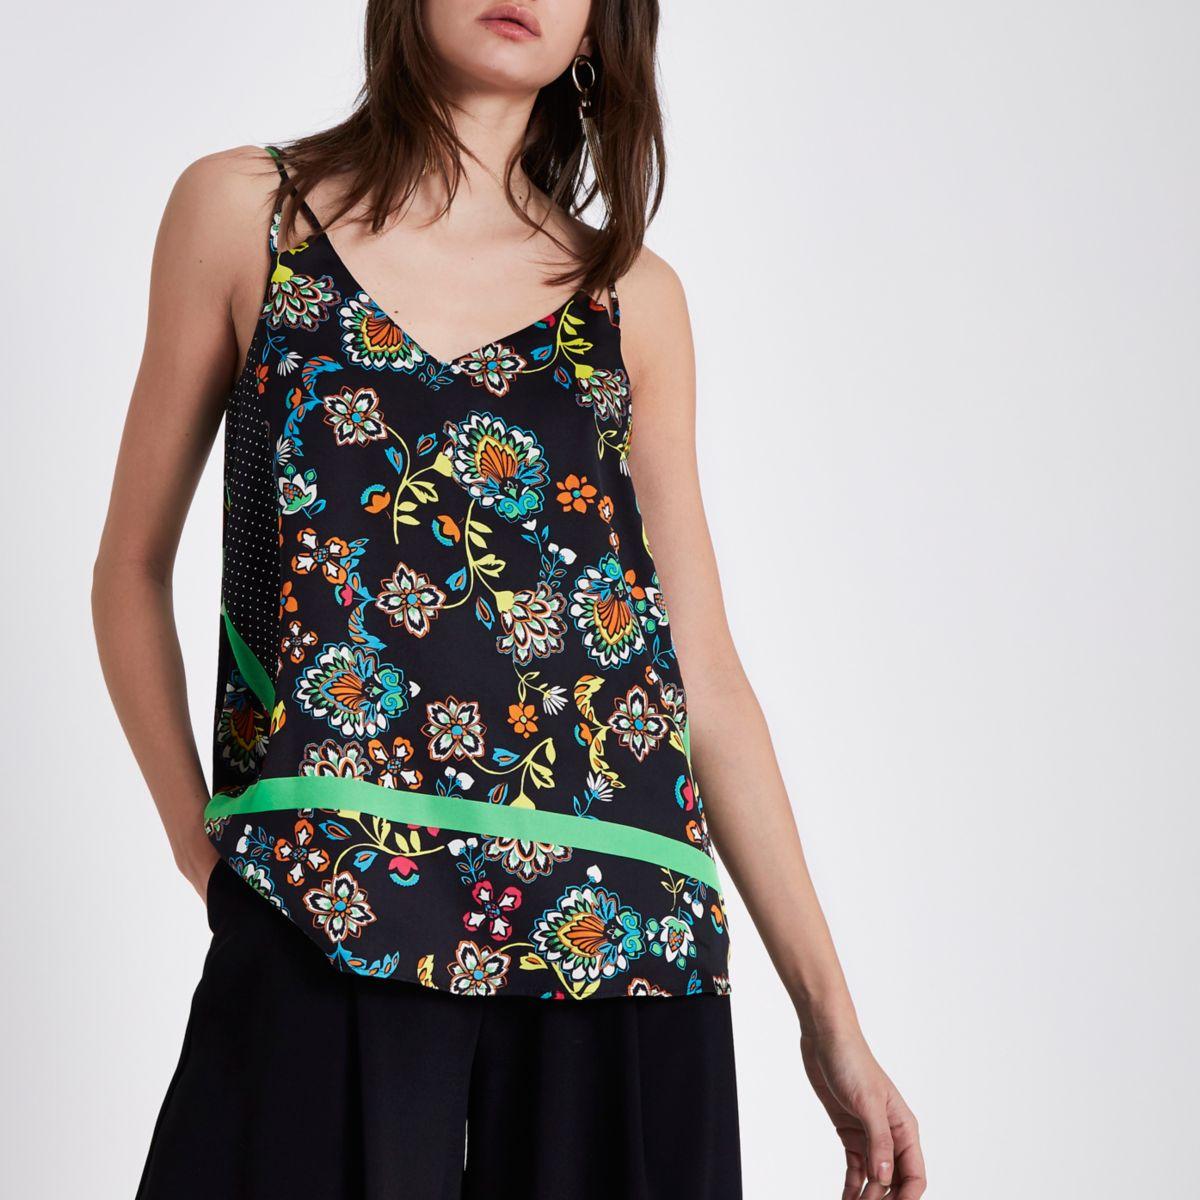 Zwarte cami top met bloemenprint en kleurvlakken